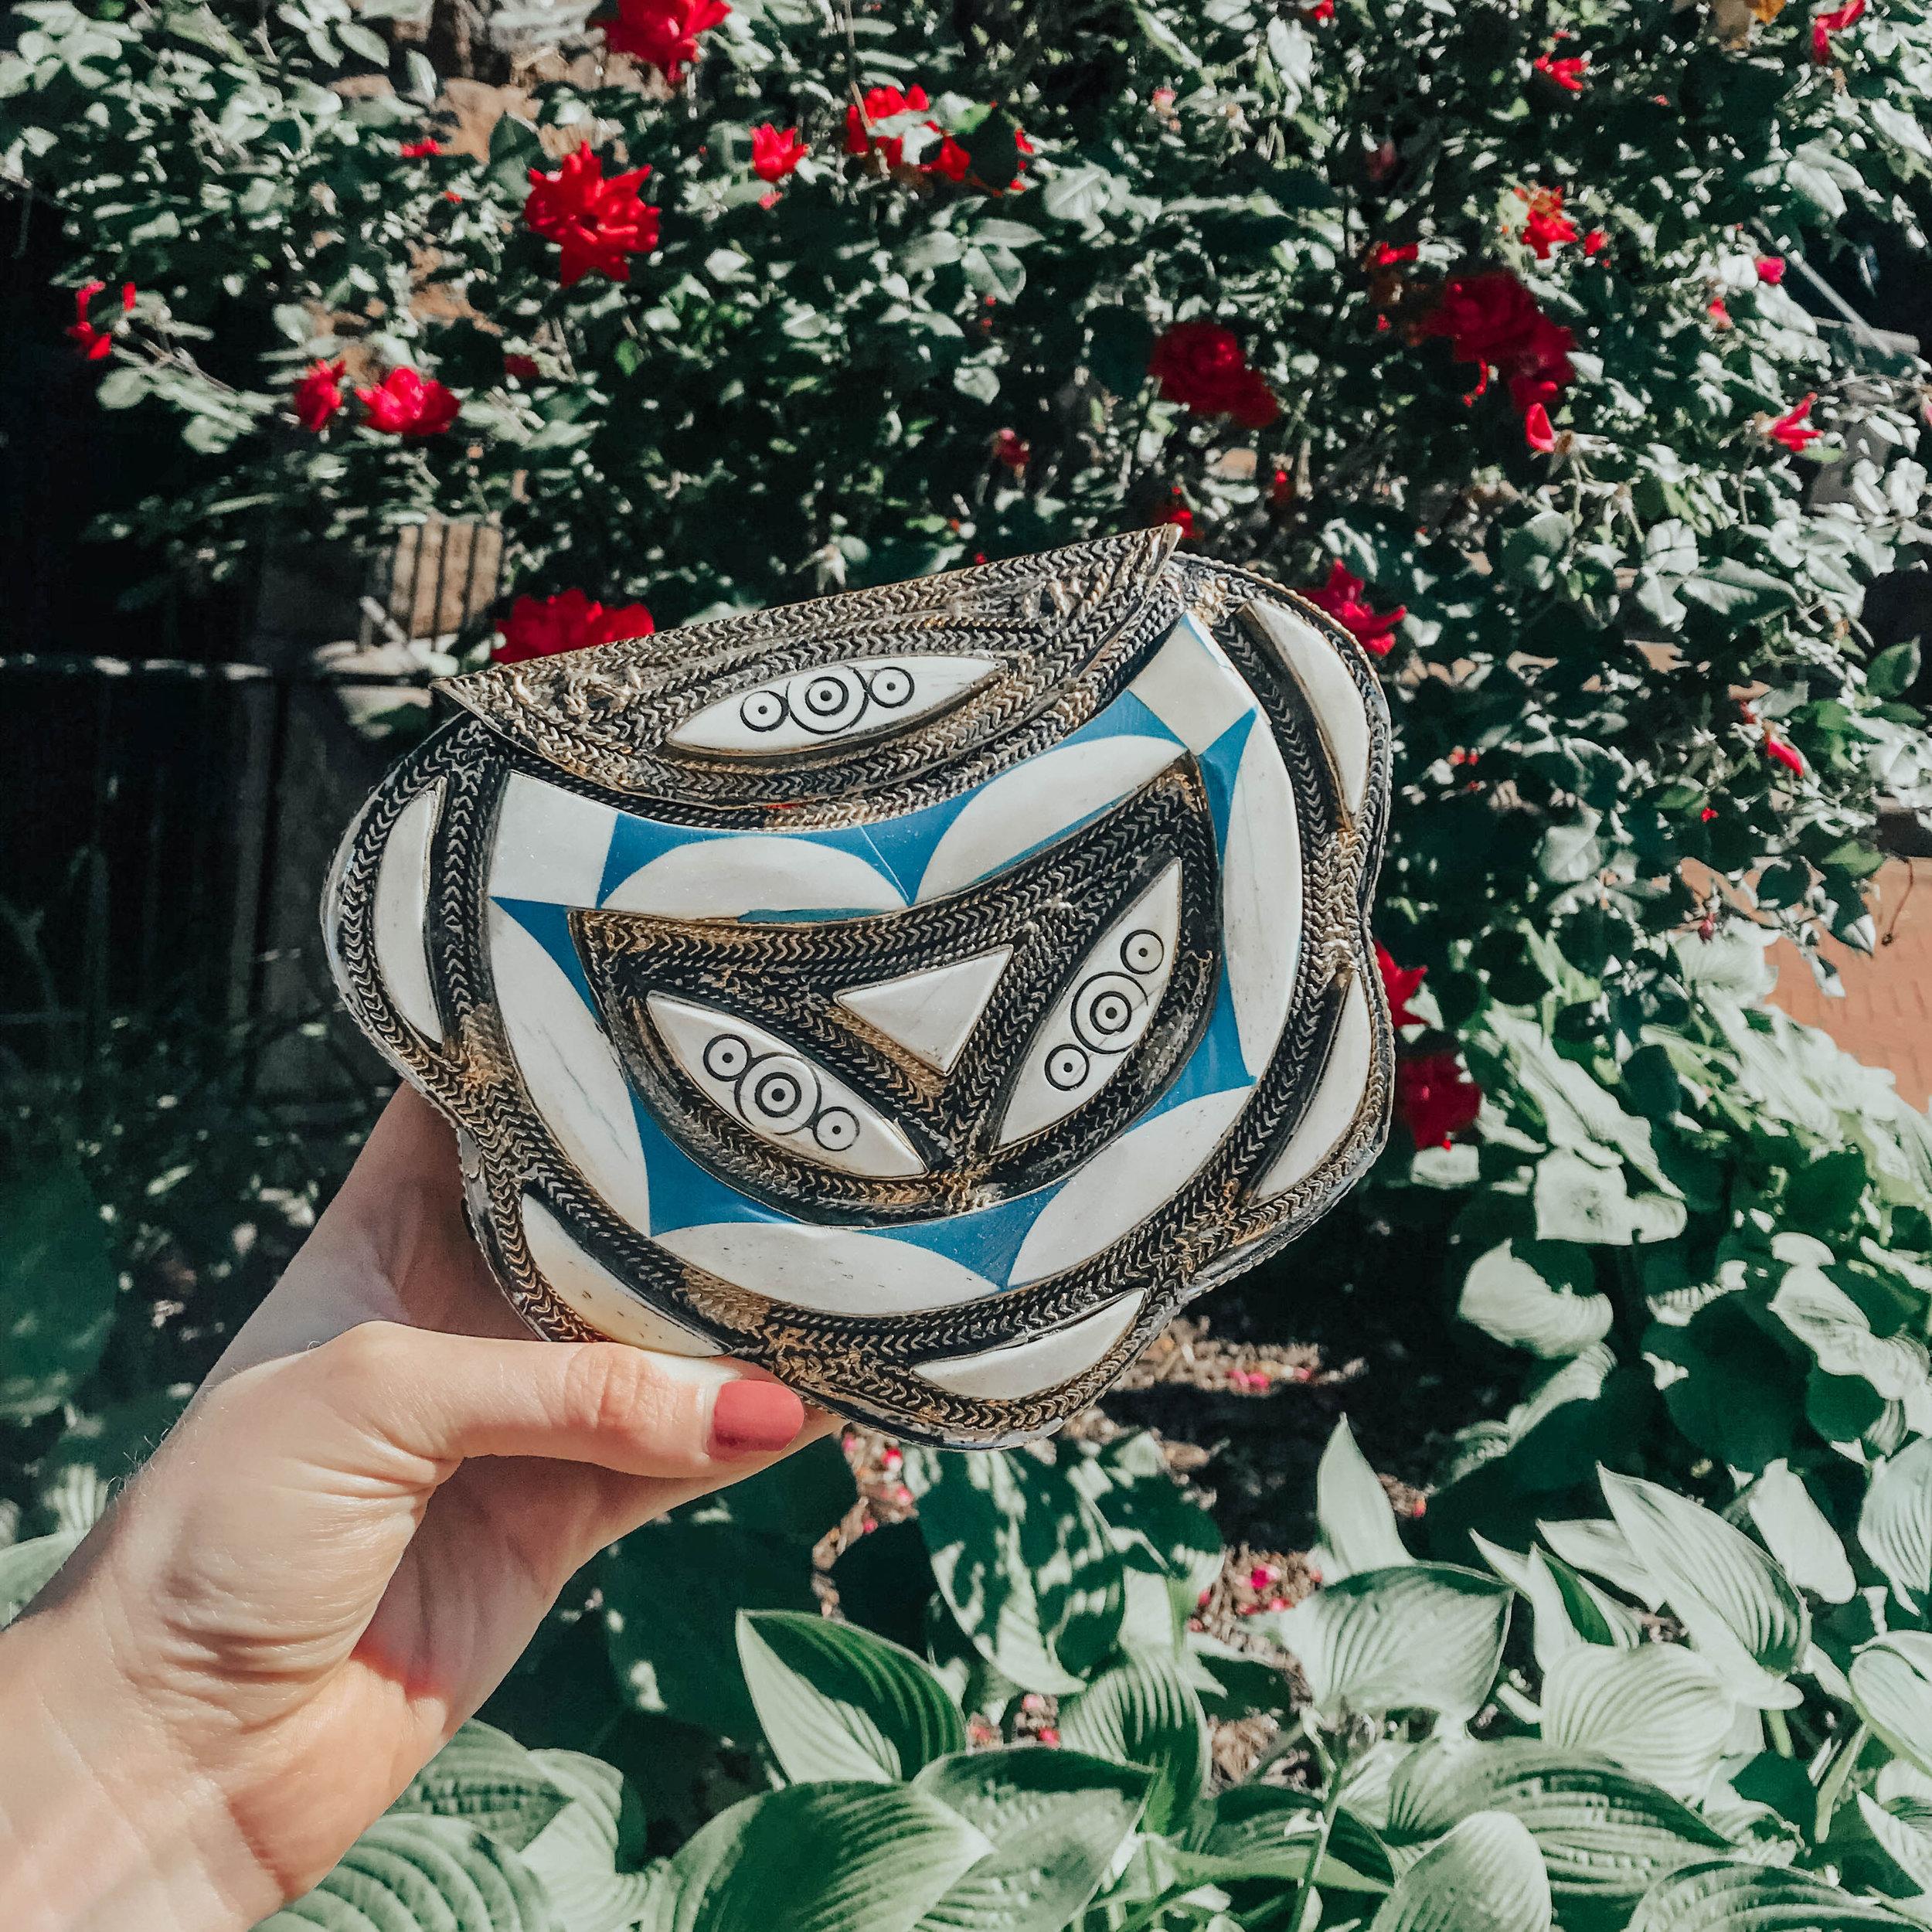 Moroccan Silver Metal Bag | @maevestier